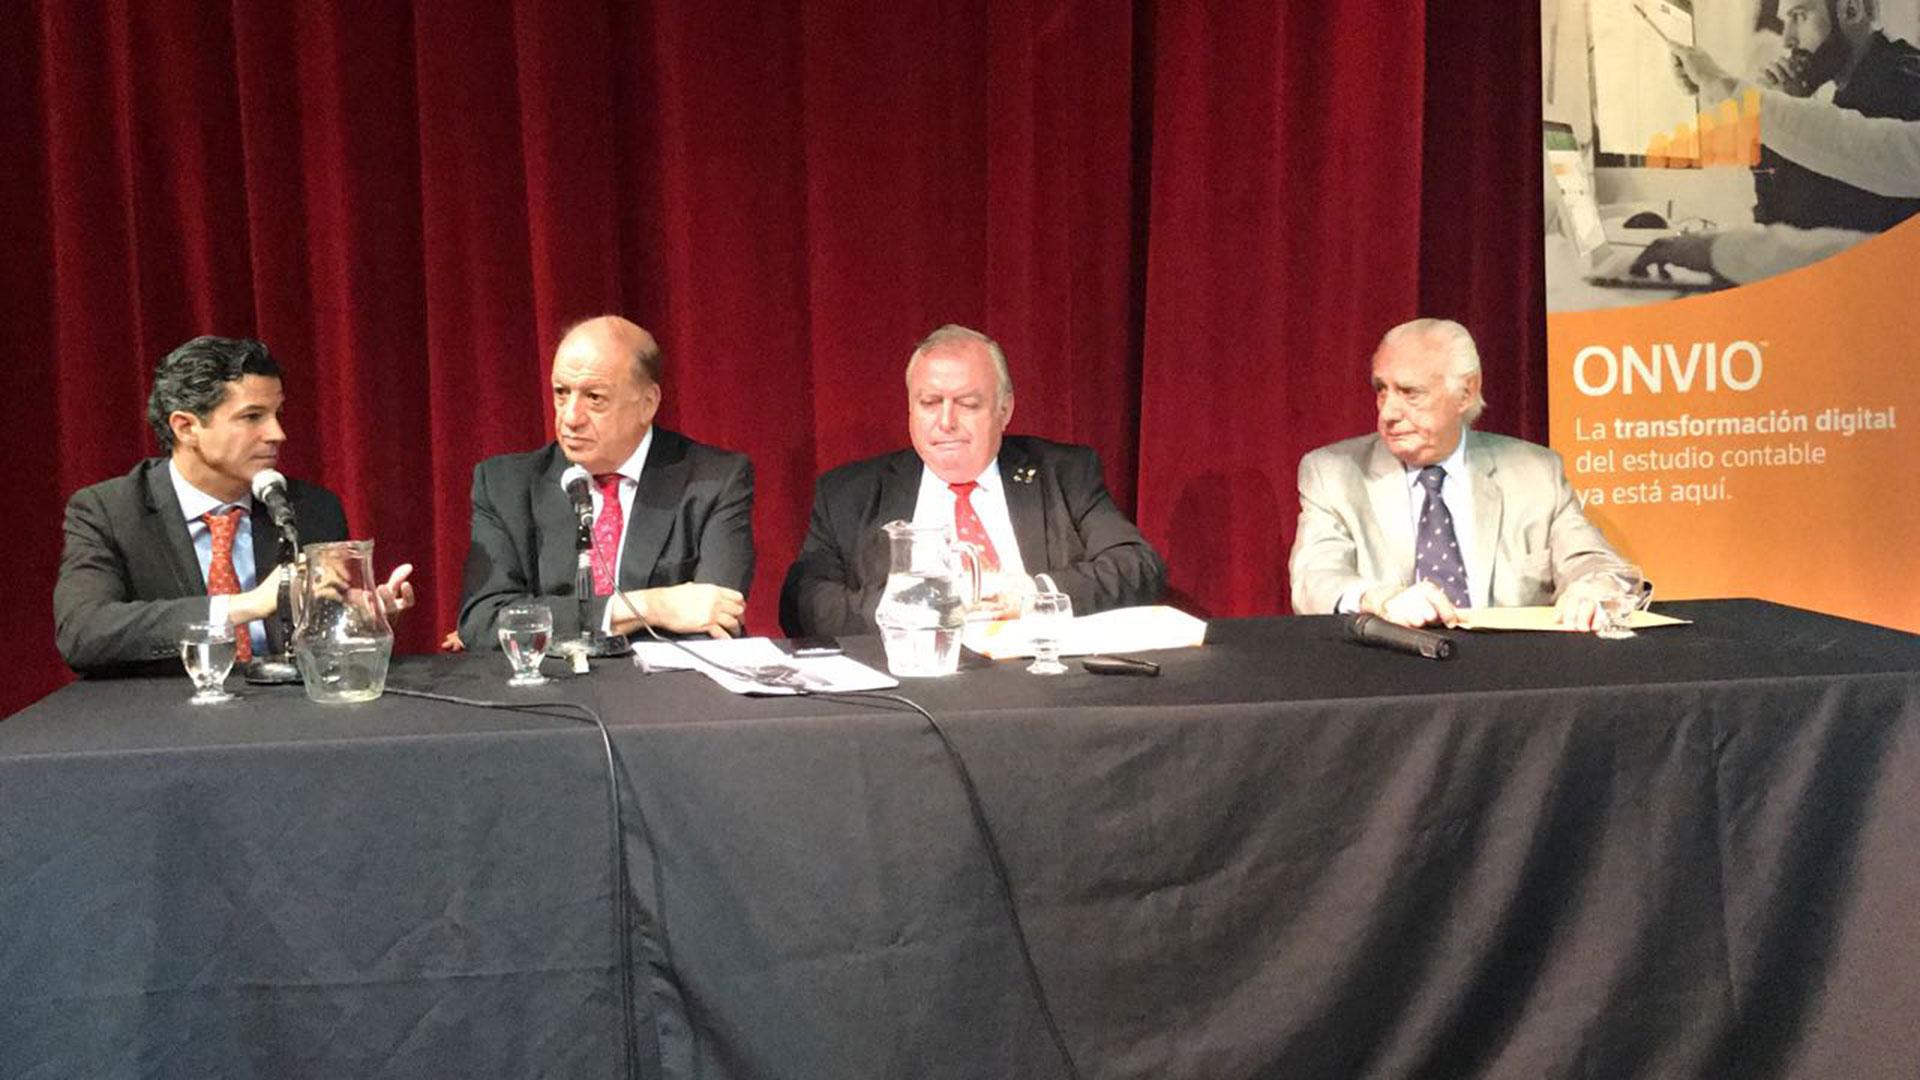 Luciano Laspina, Humberto Bertazza, Julián de Diego y Norberto Marconi (Thomson Reuters)